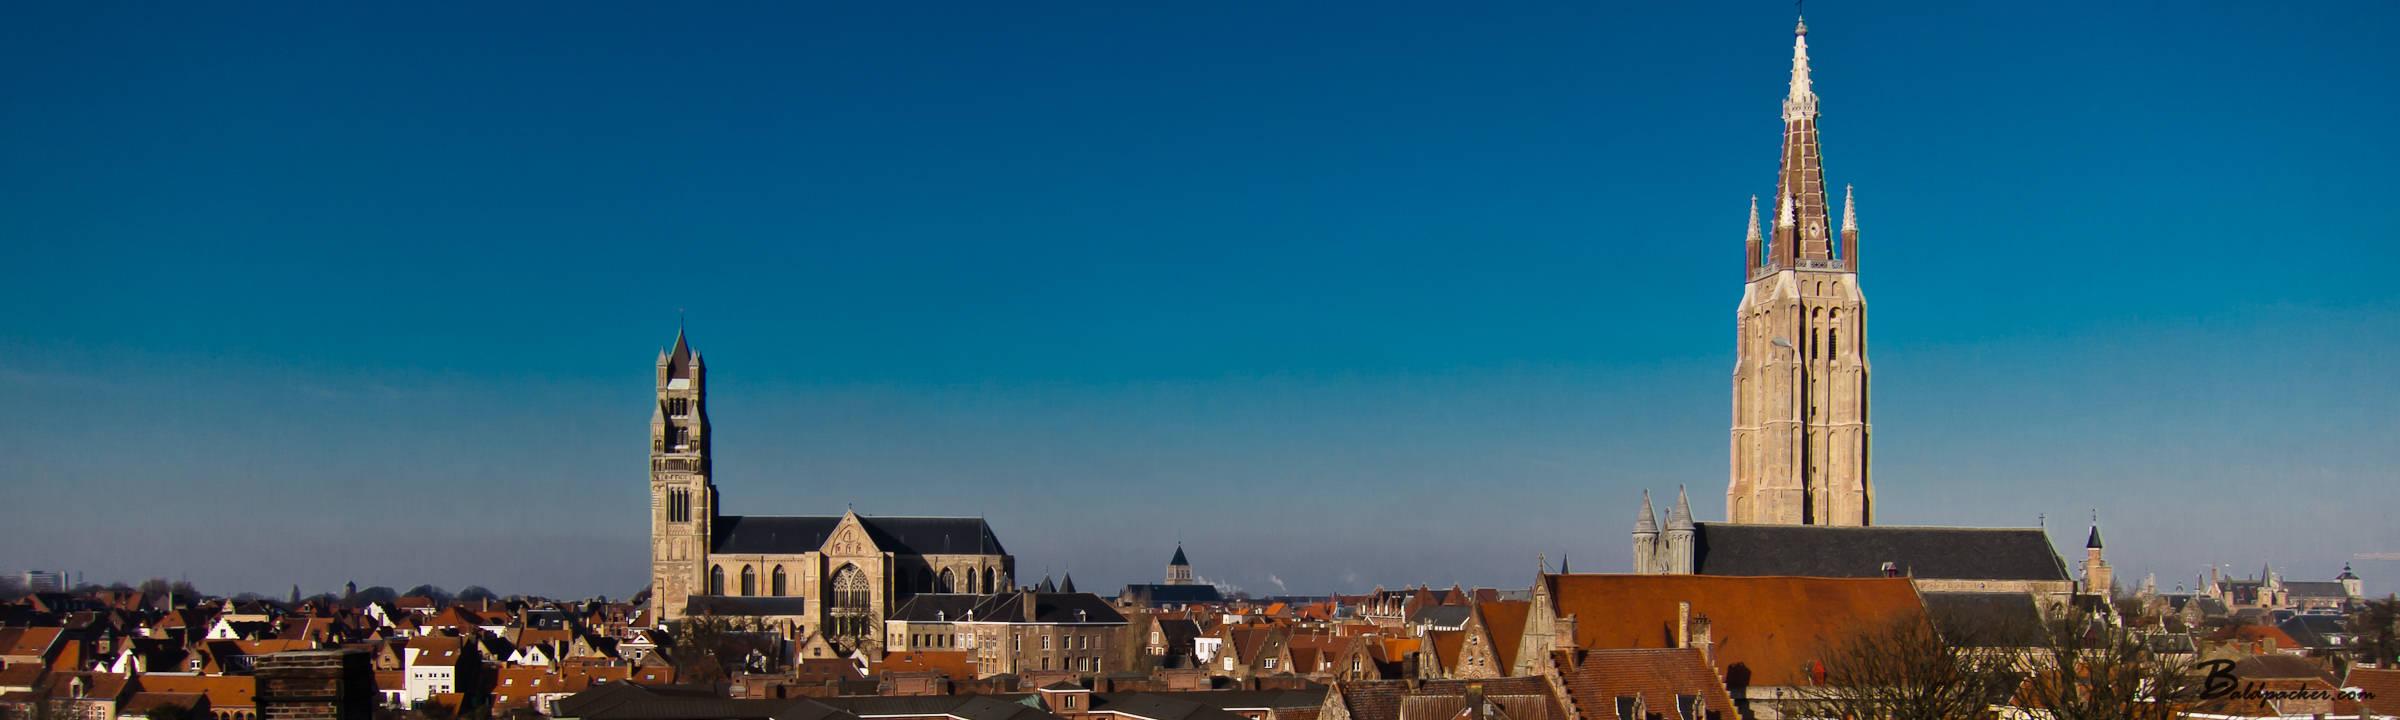 A Weekend in Belgium: Bruges